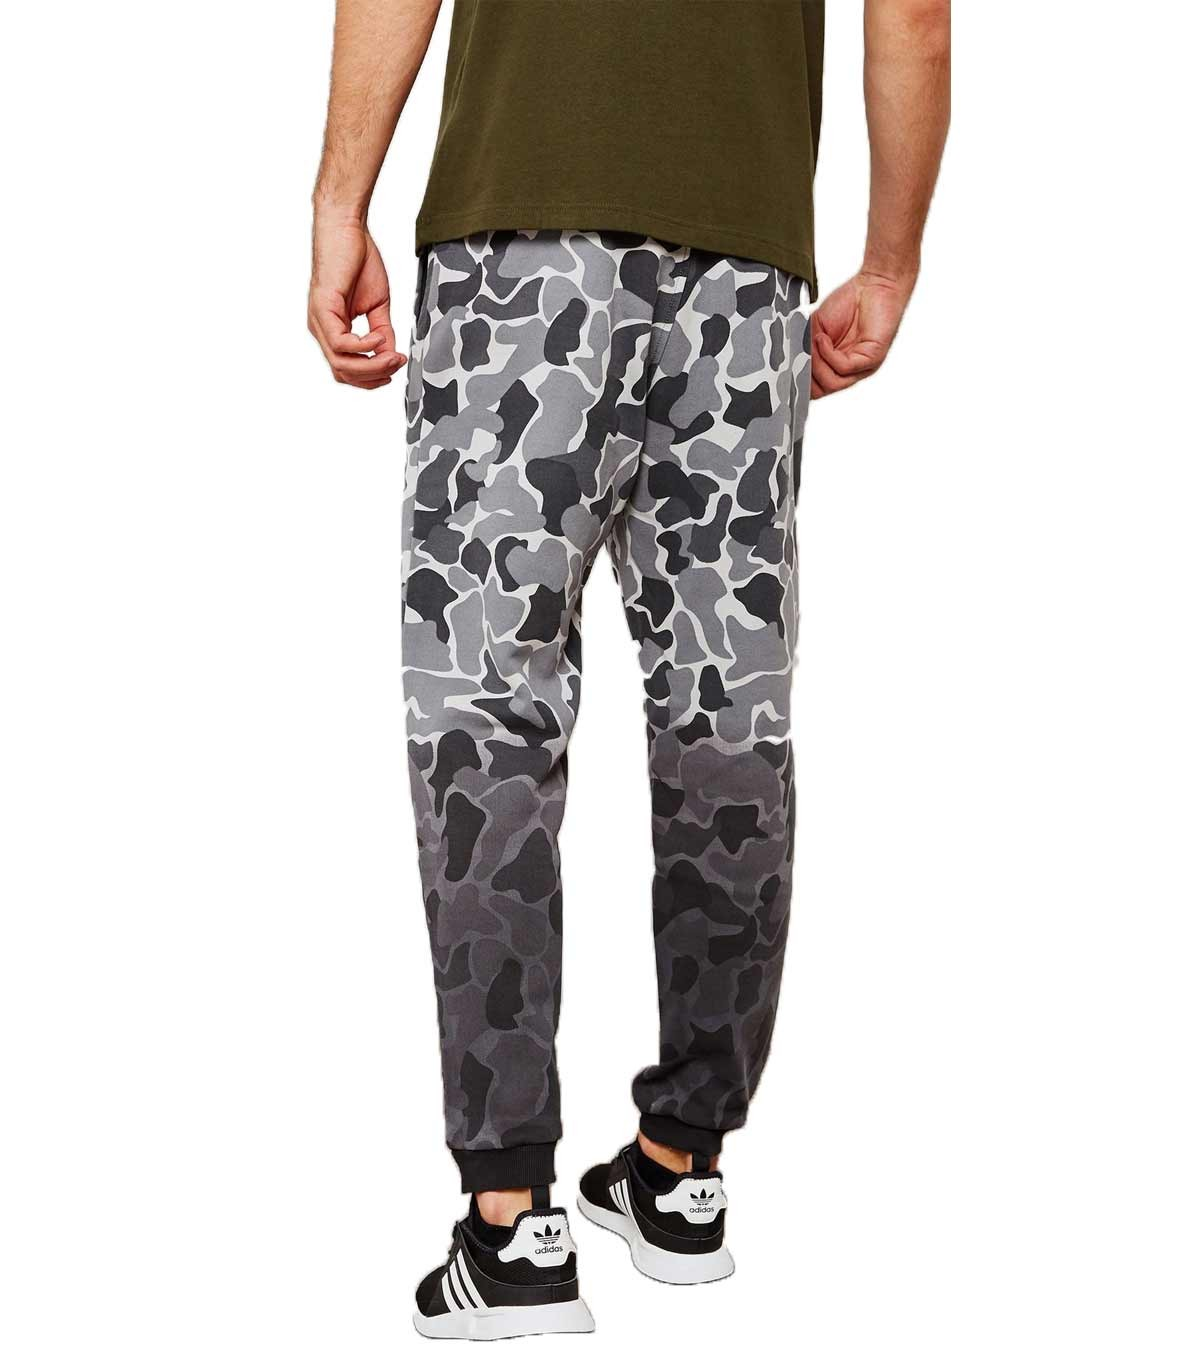 adidas pantalon homme Livraison gratuite & Livraison